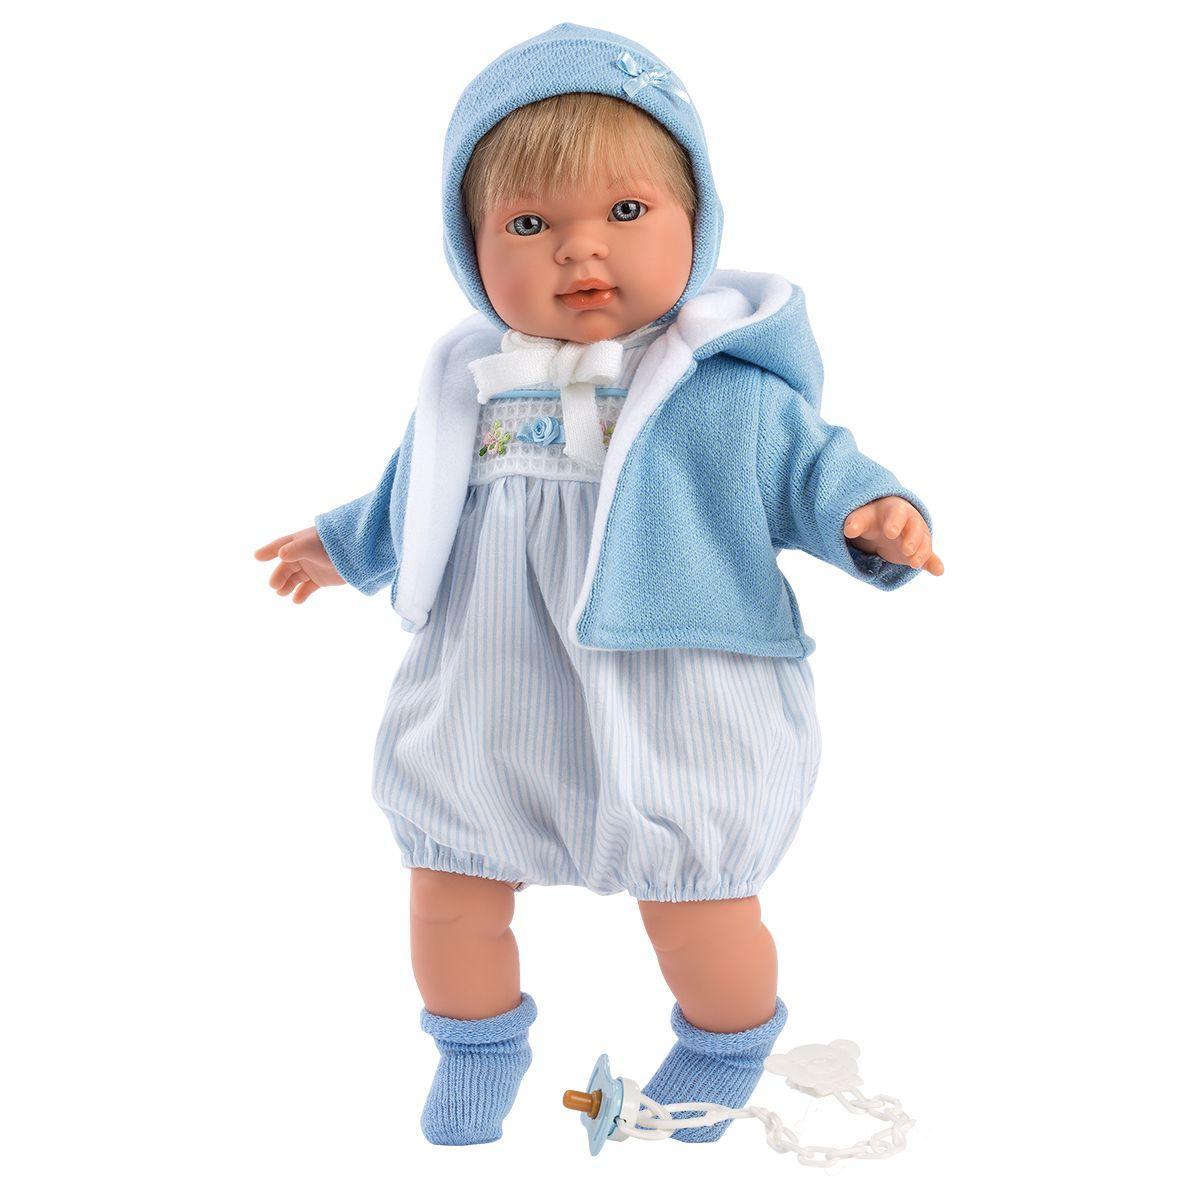 Интерактивная плачущая кукла, 42 см, Мигель, Llorens 42153